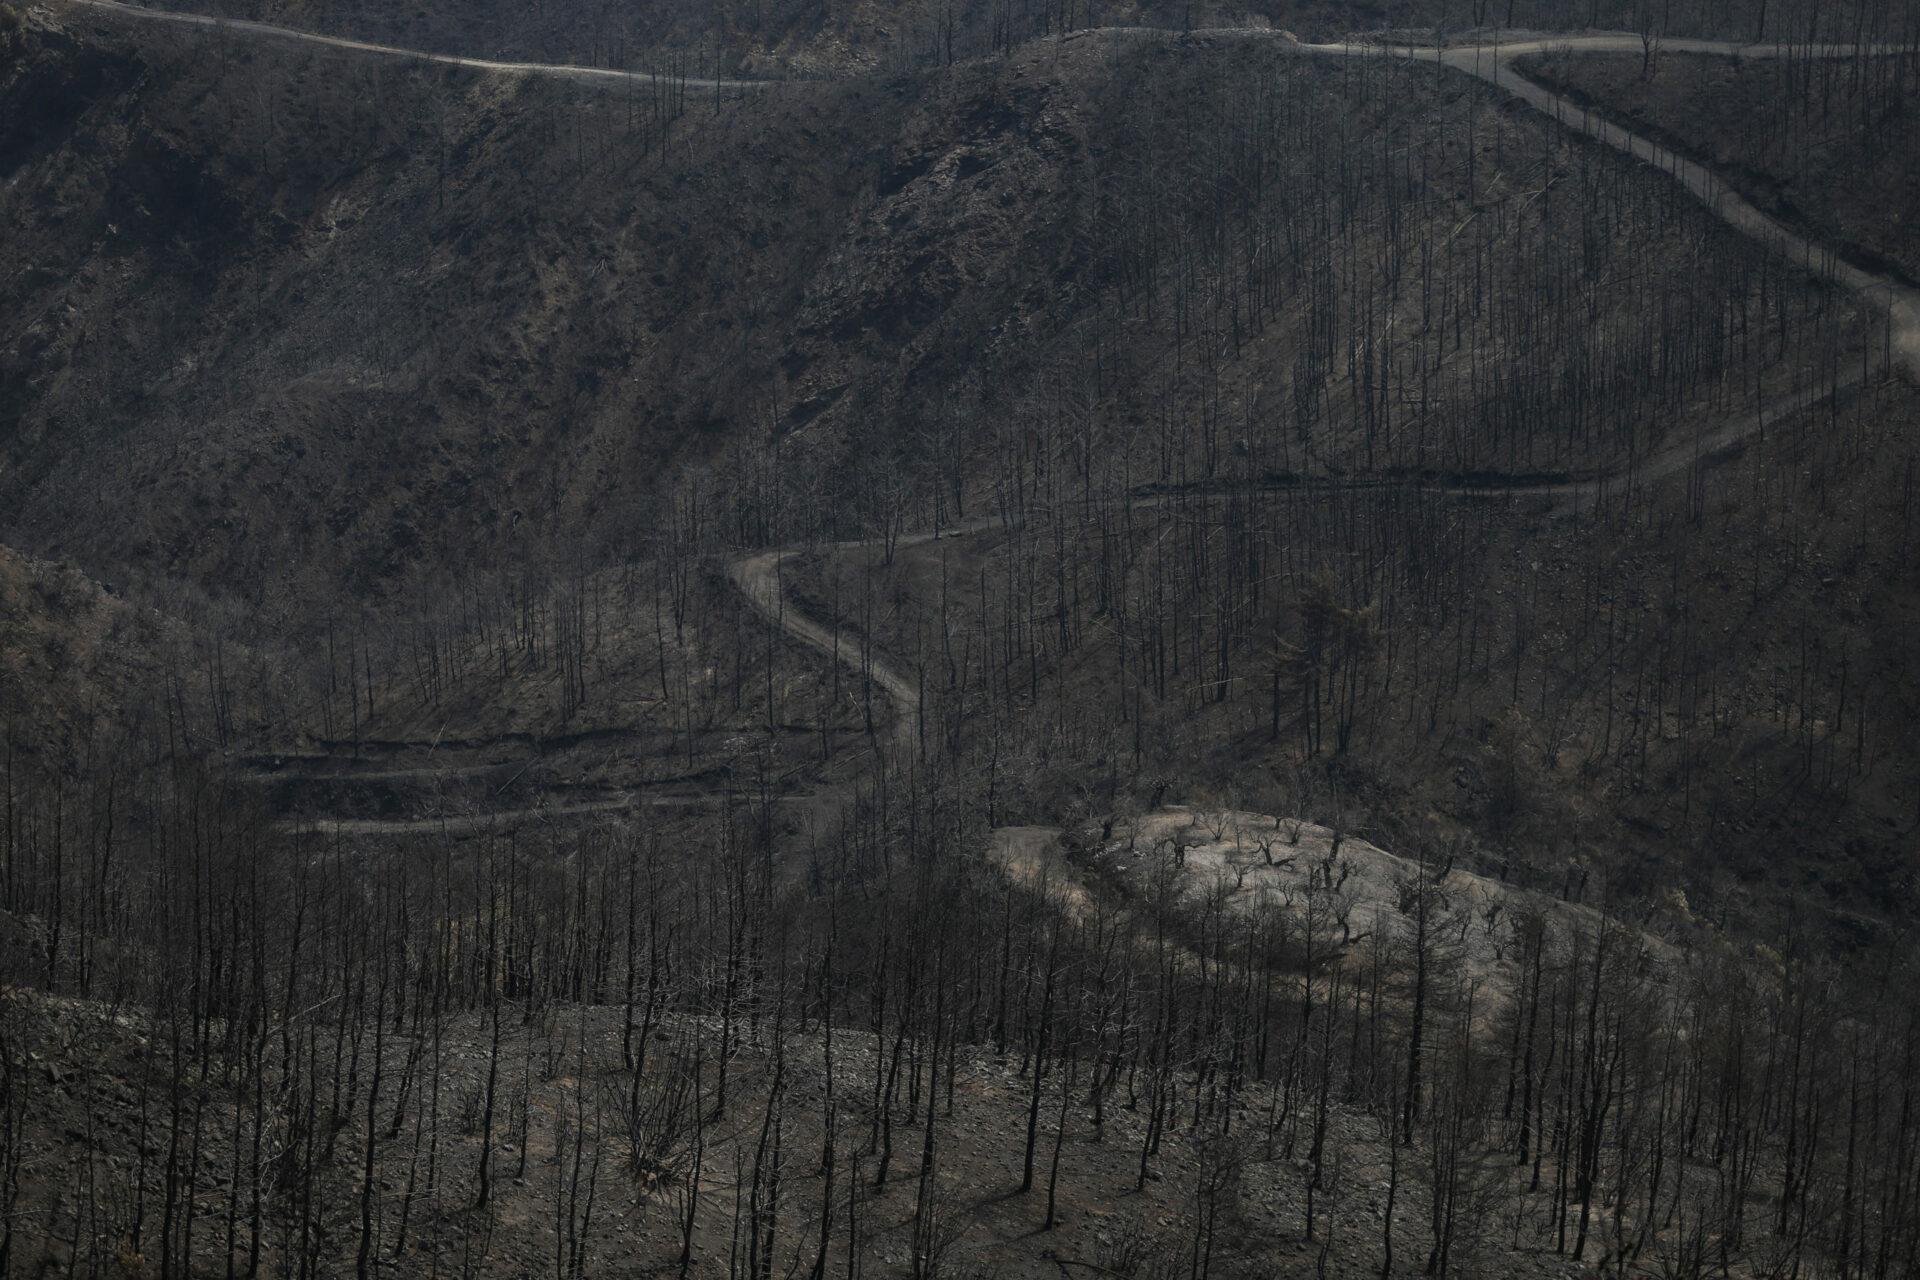 Οι πρώτοι ανάδοχοι αναδάσωσης μετά τις καταστροφικές φωτιές στην Εύβοια